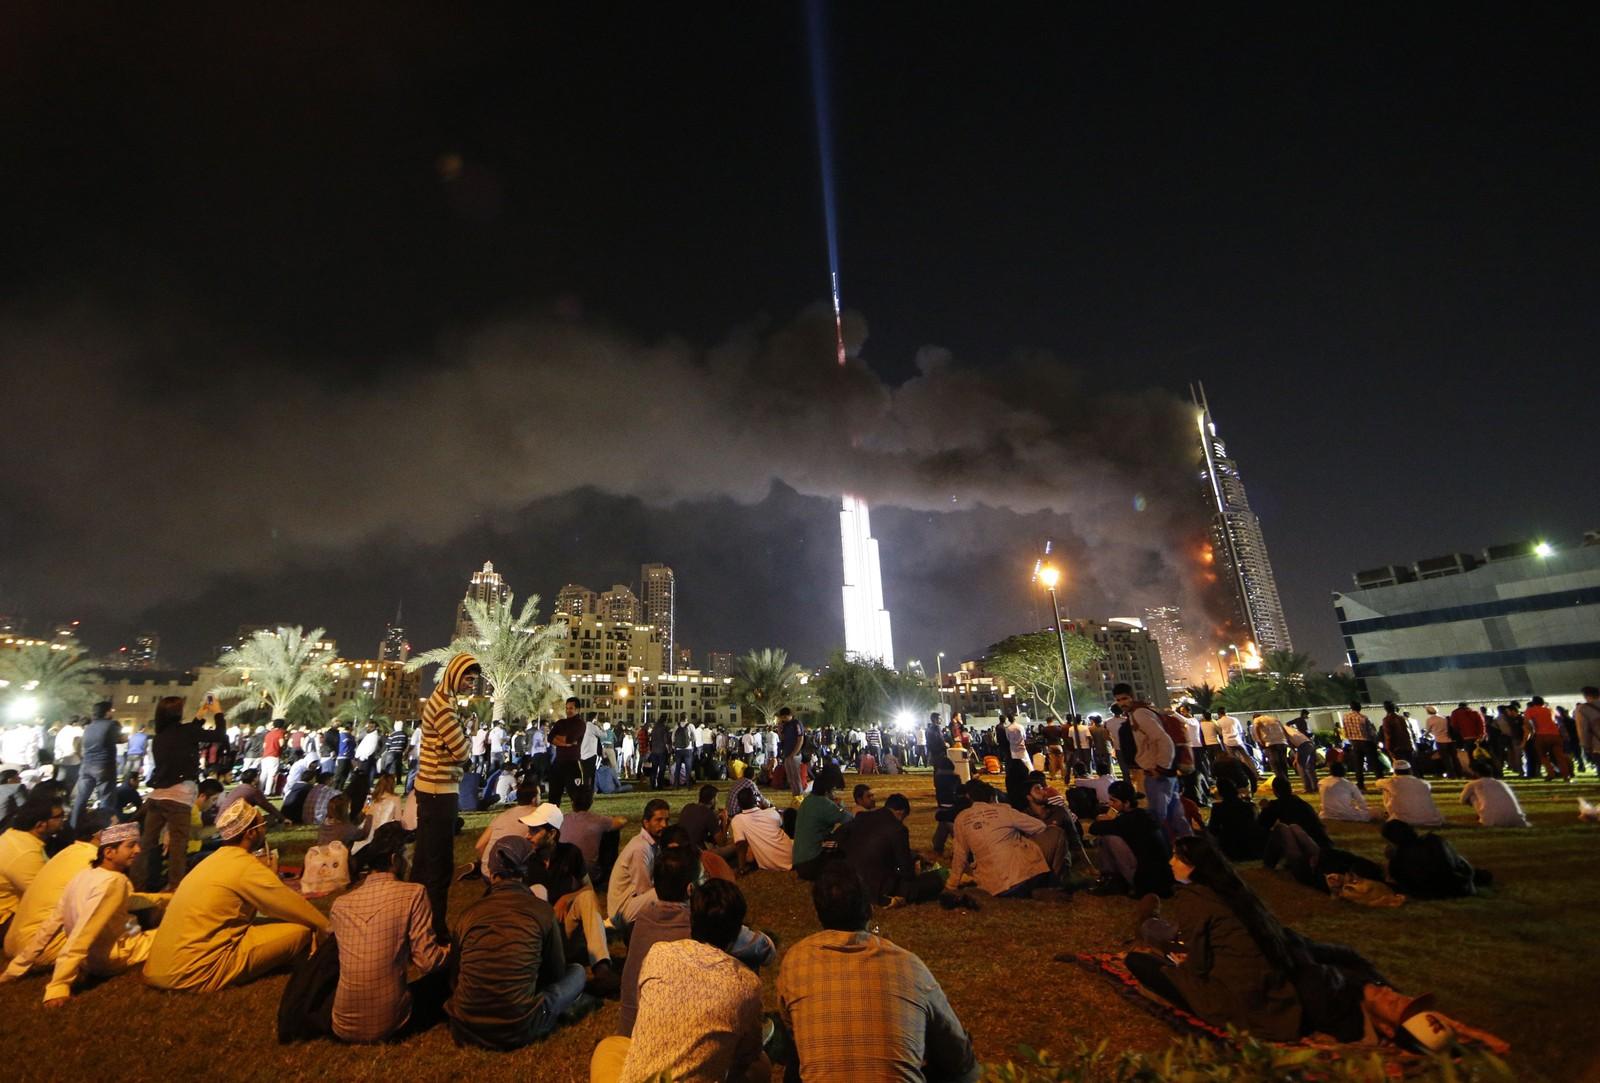 Svart røyk velter ut av skyskraperhotellet Address Hotel i Dubai. Folk som venter på furverkeriet får en uventet utsikt til dramaet.